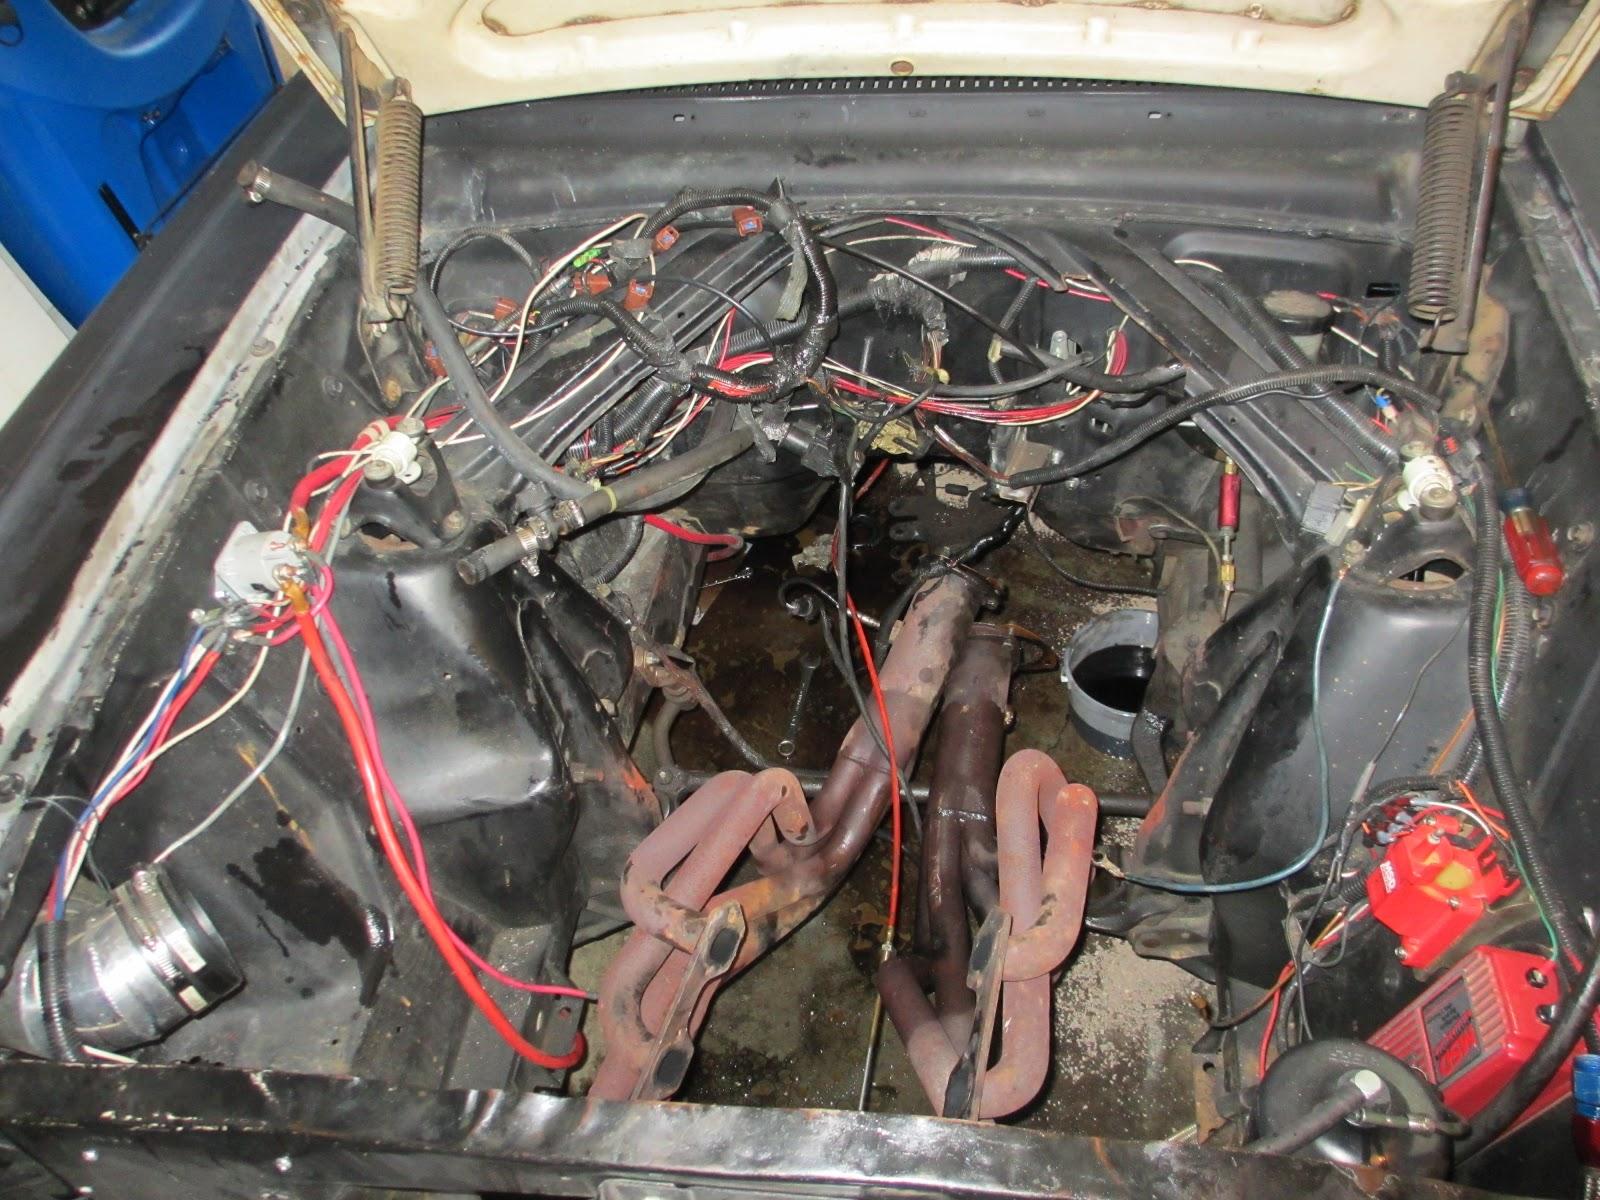 73 mustang engine wiring [ 1600 x 1200 Pixel ]